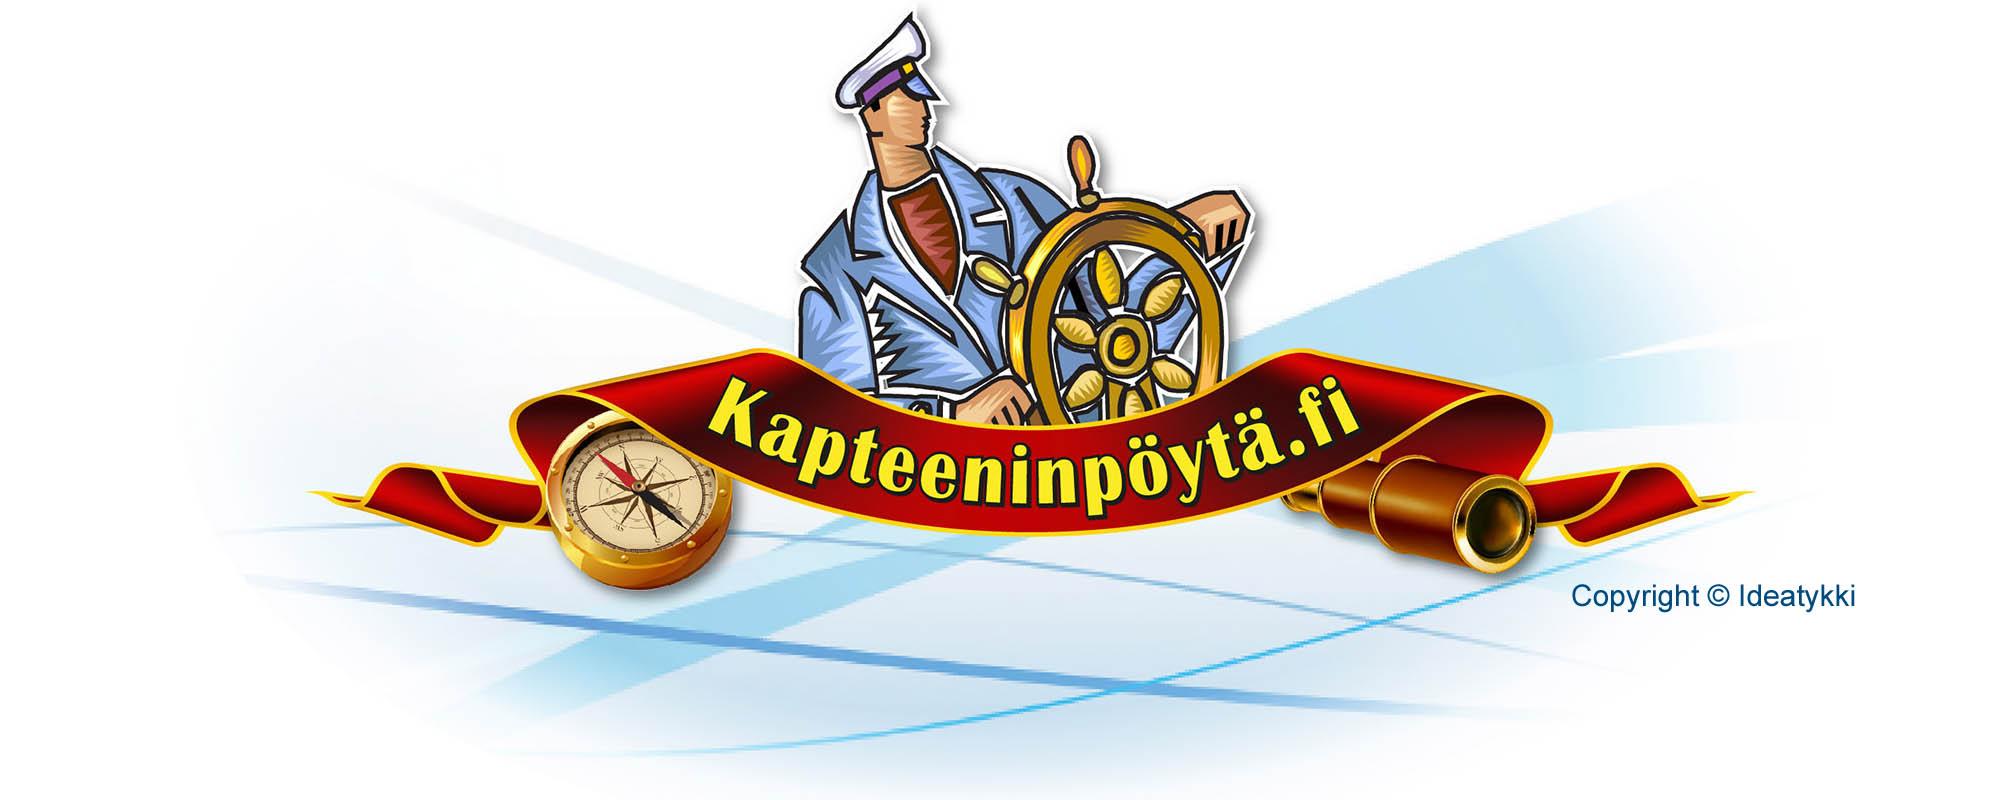 Kapteeninpöytä.fi